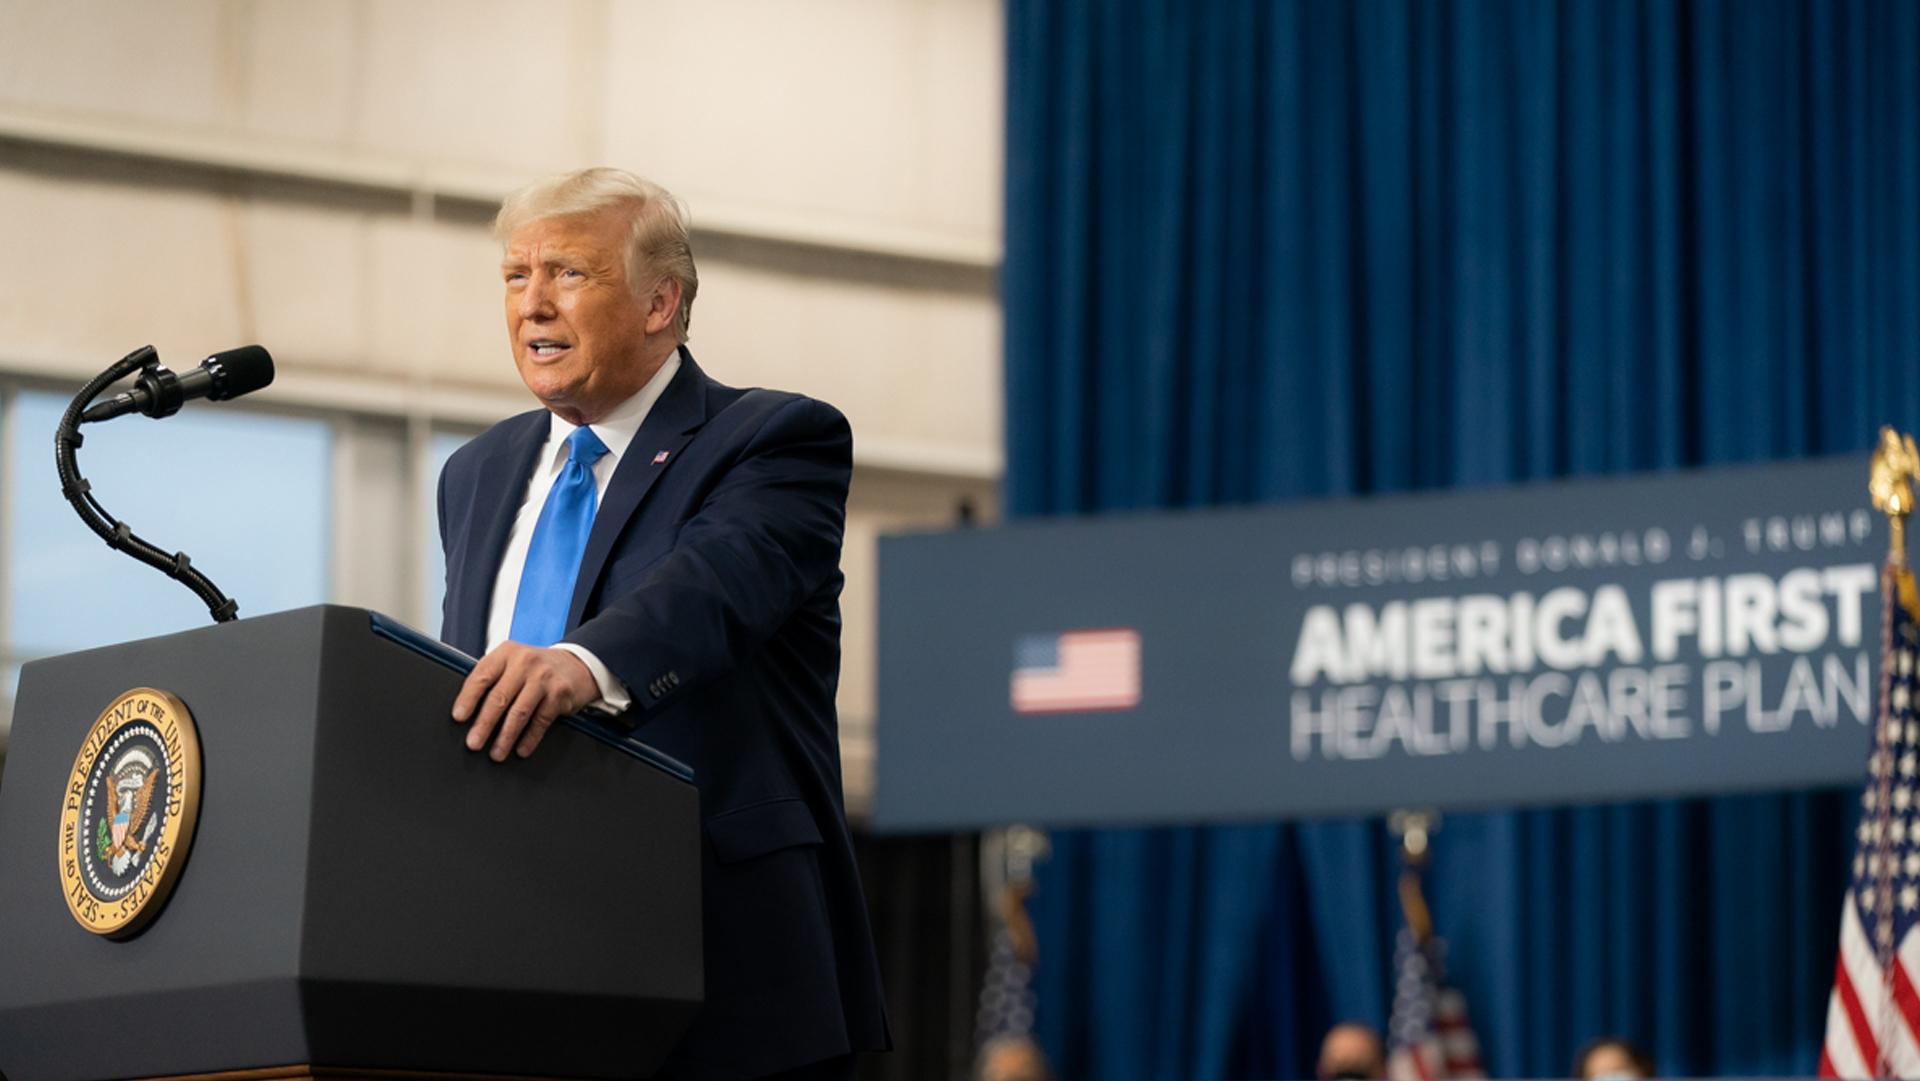 Elezioni negli Stati Uniti tra fake news, sabotaggi e Corte Suprema. Il punto della situazione